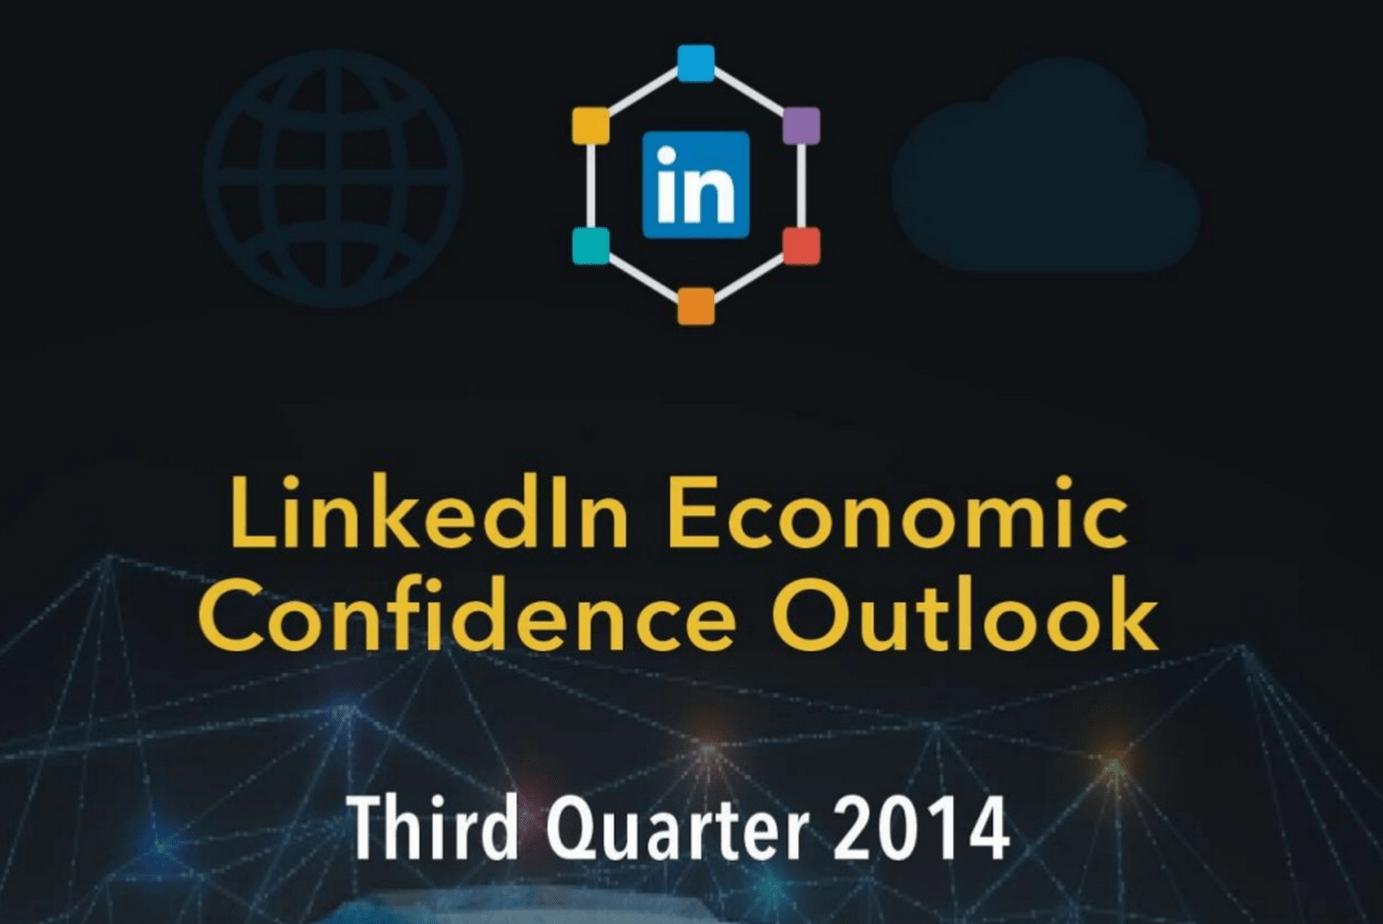 Svenska ledare har lägre förtroende för svensk ekonomi i kvartal 3 jämfört med tidigare i år.